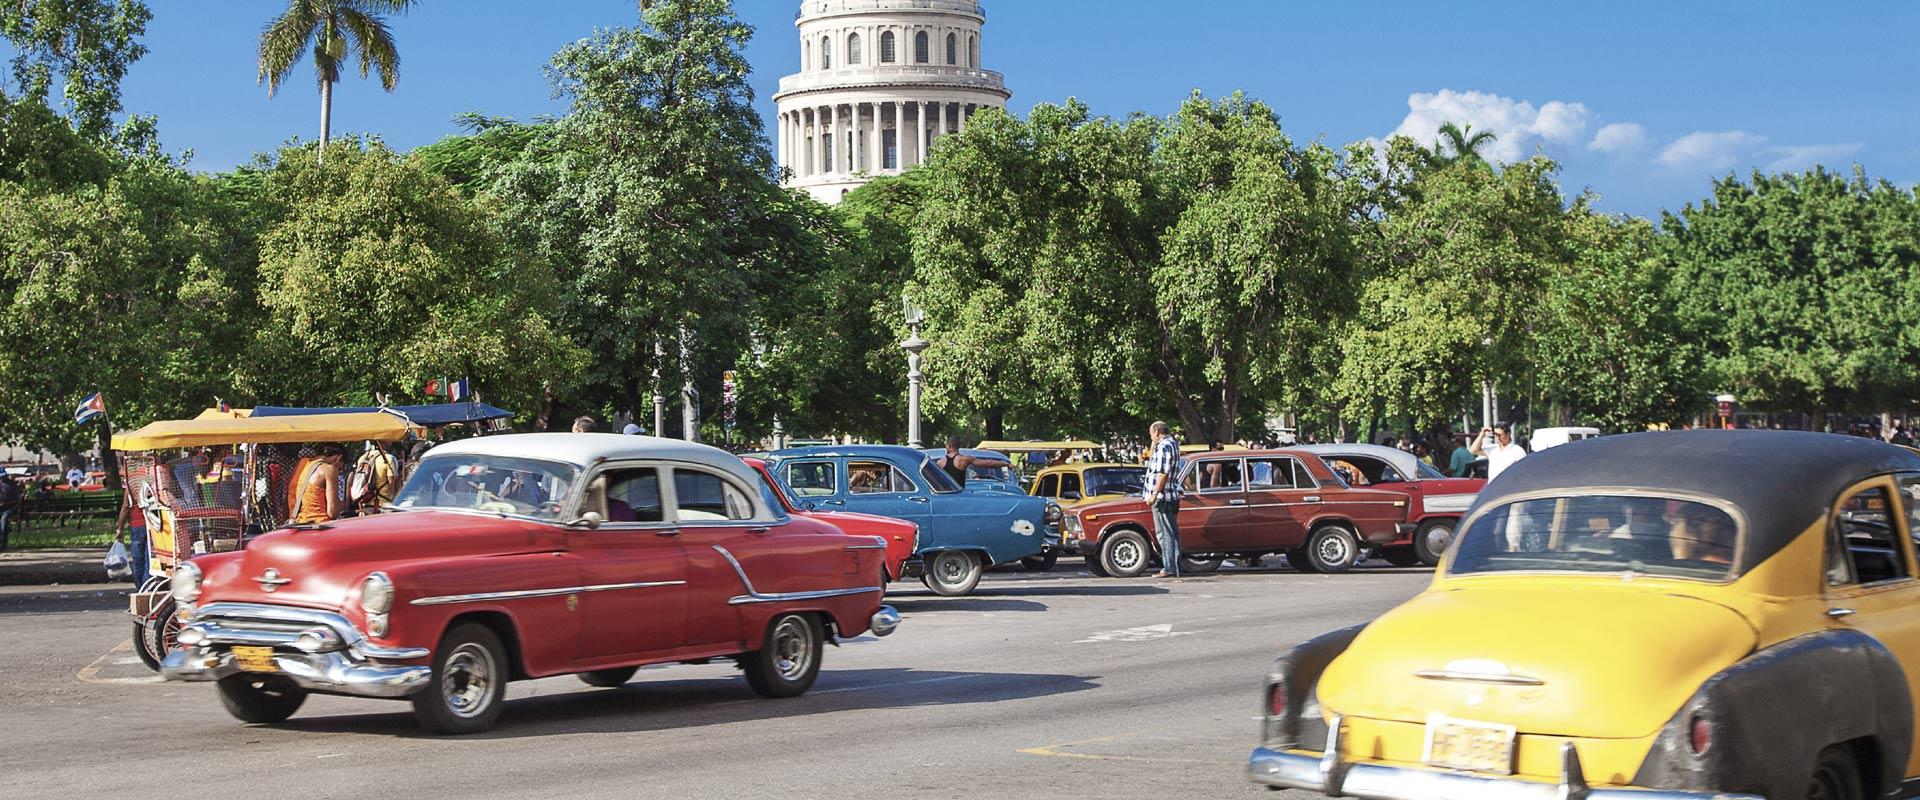 Cuba la_havana